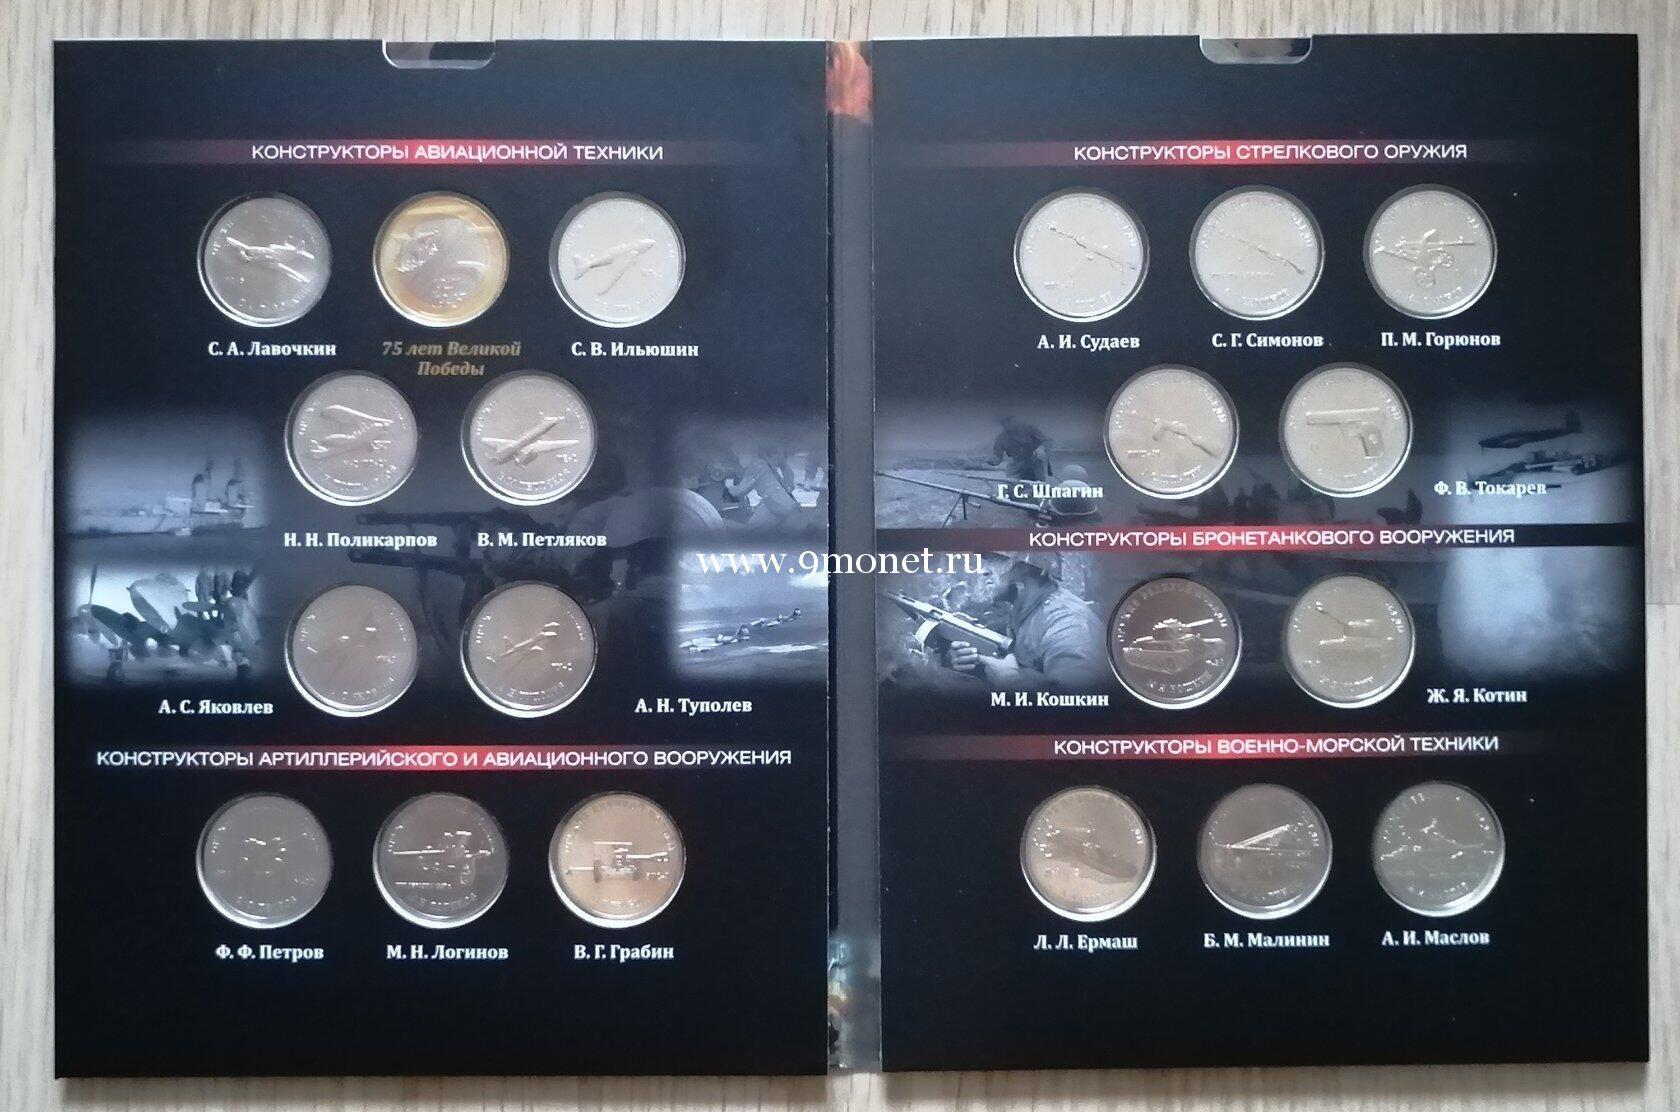 Полный набор монет серии Оружие Великой Победы (конструкторы оружия) в Подарочном альбоме с книгой.